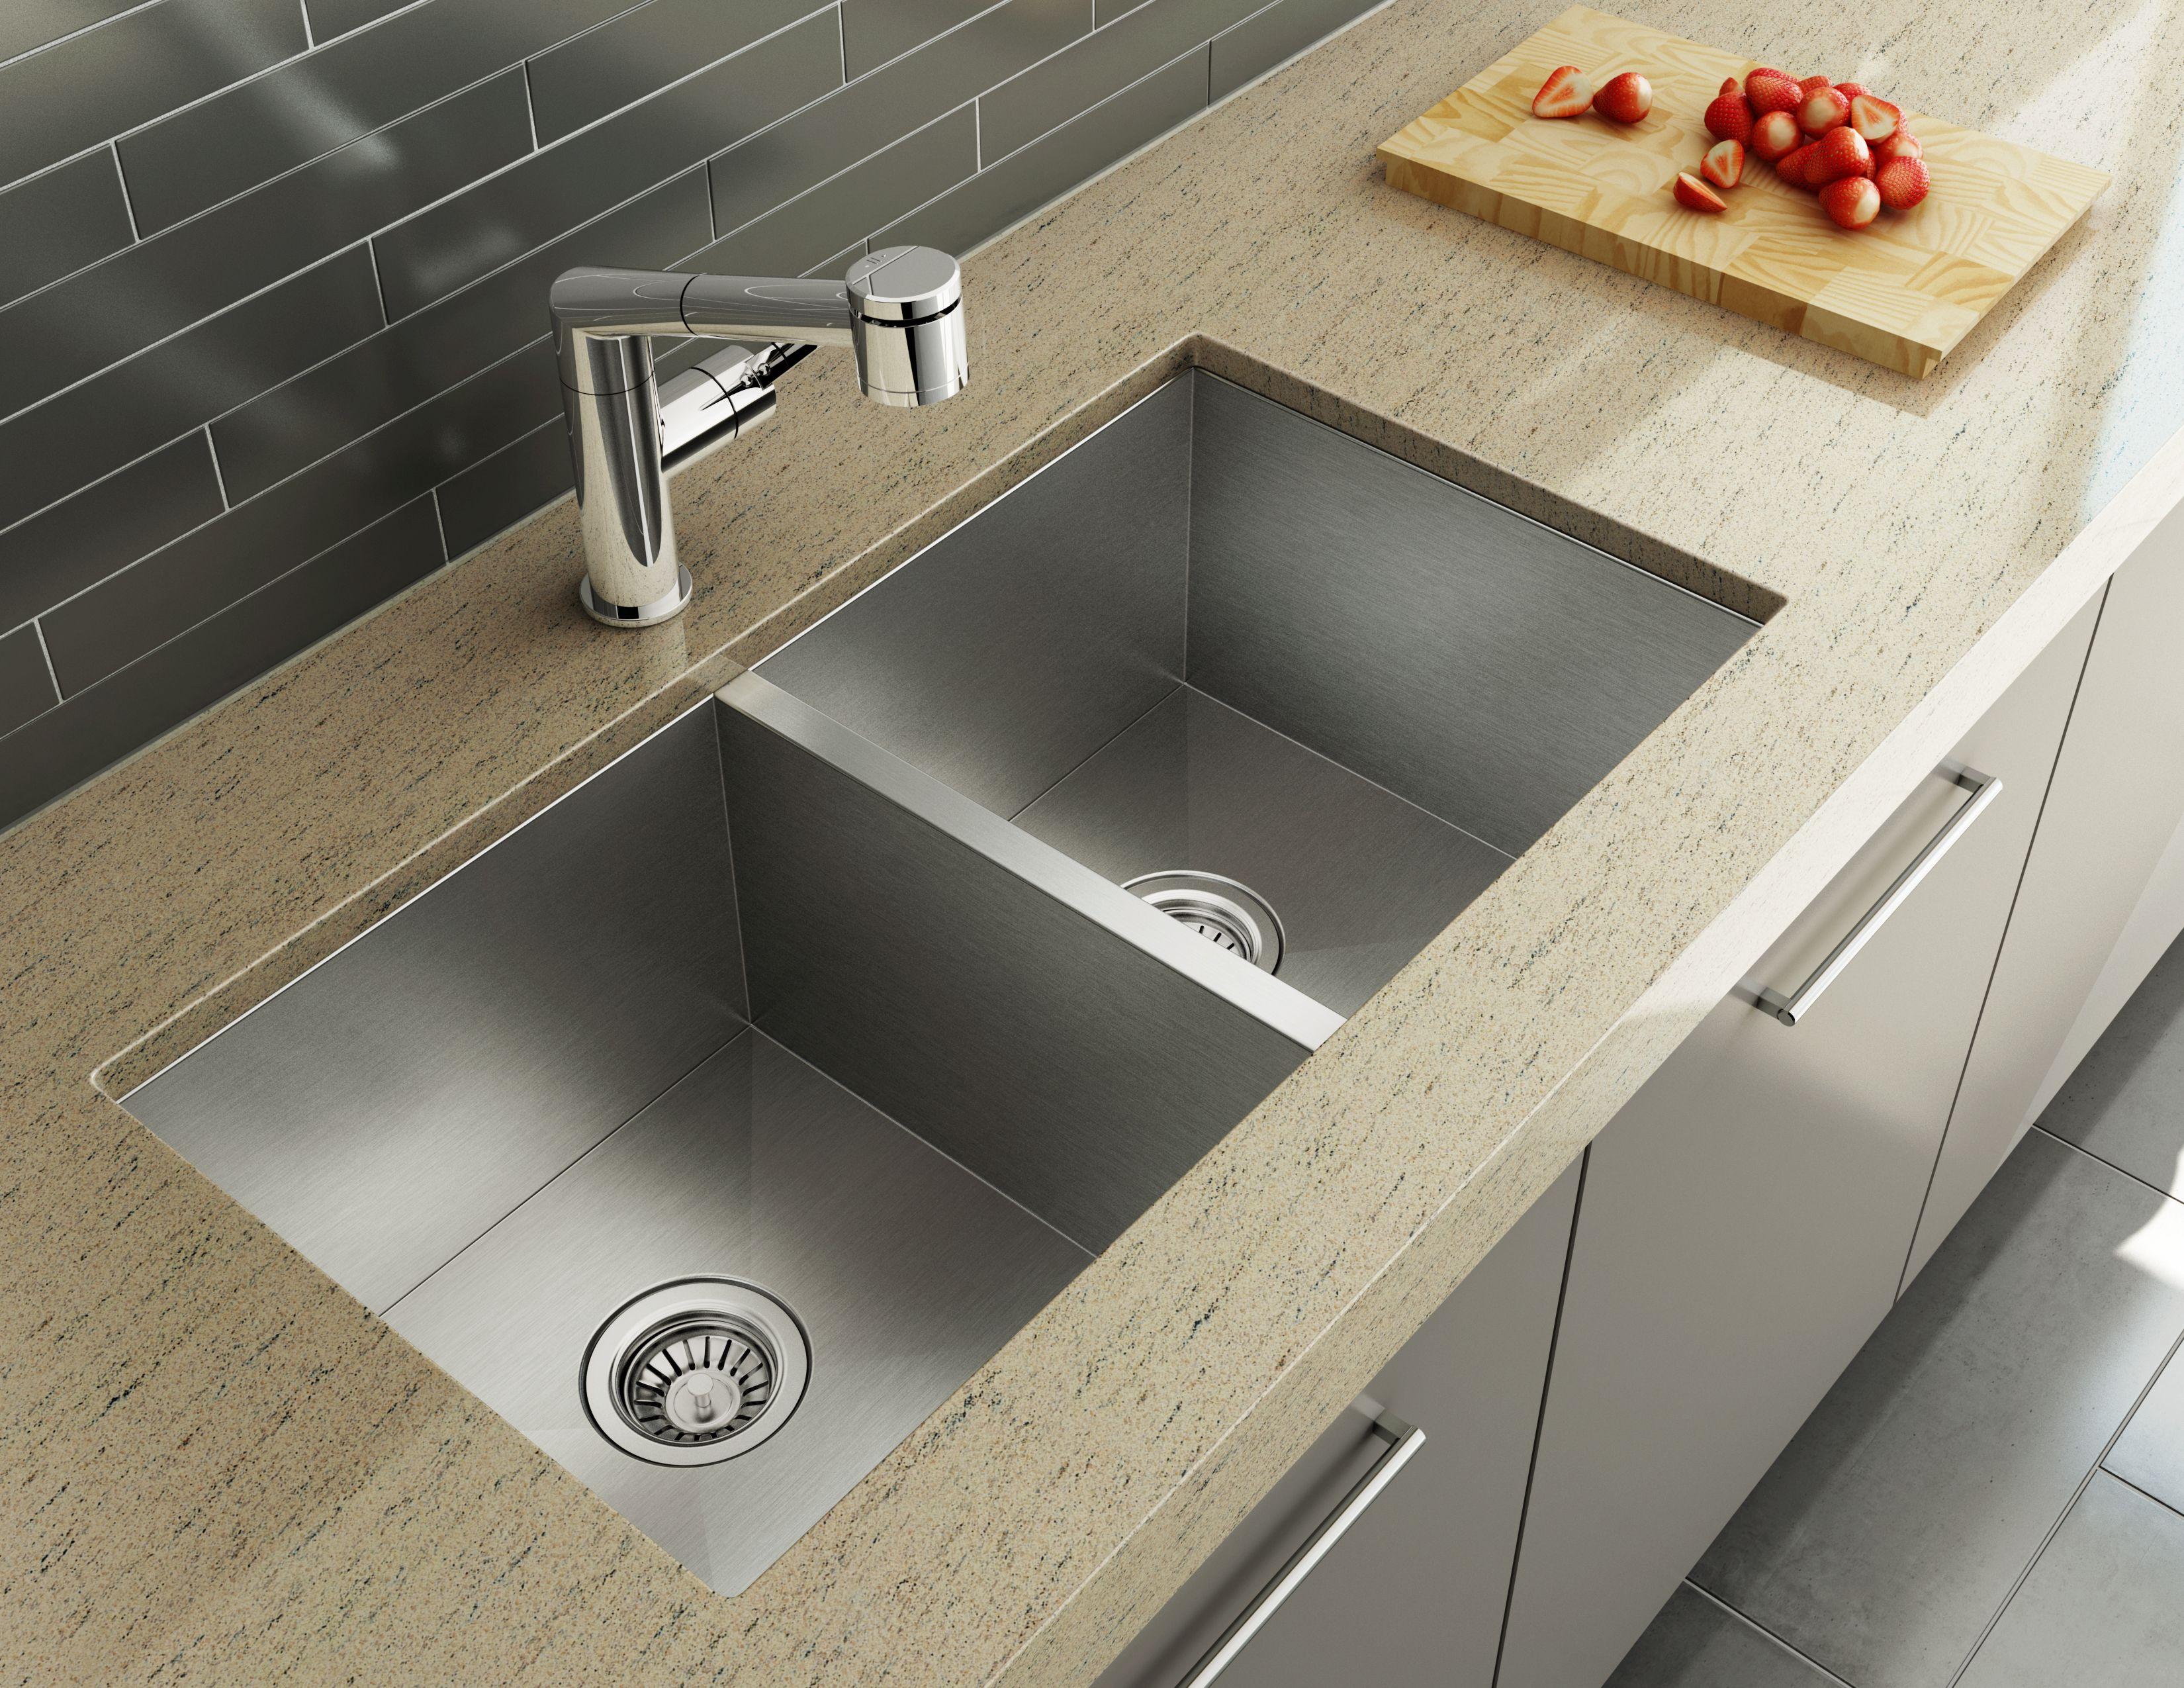 kitchen sinks designer kitchen sinks Atelier Kitchen Sink Collection New Condo Kitchen Faucet Aquabrass NewCondo